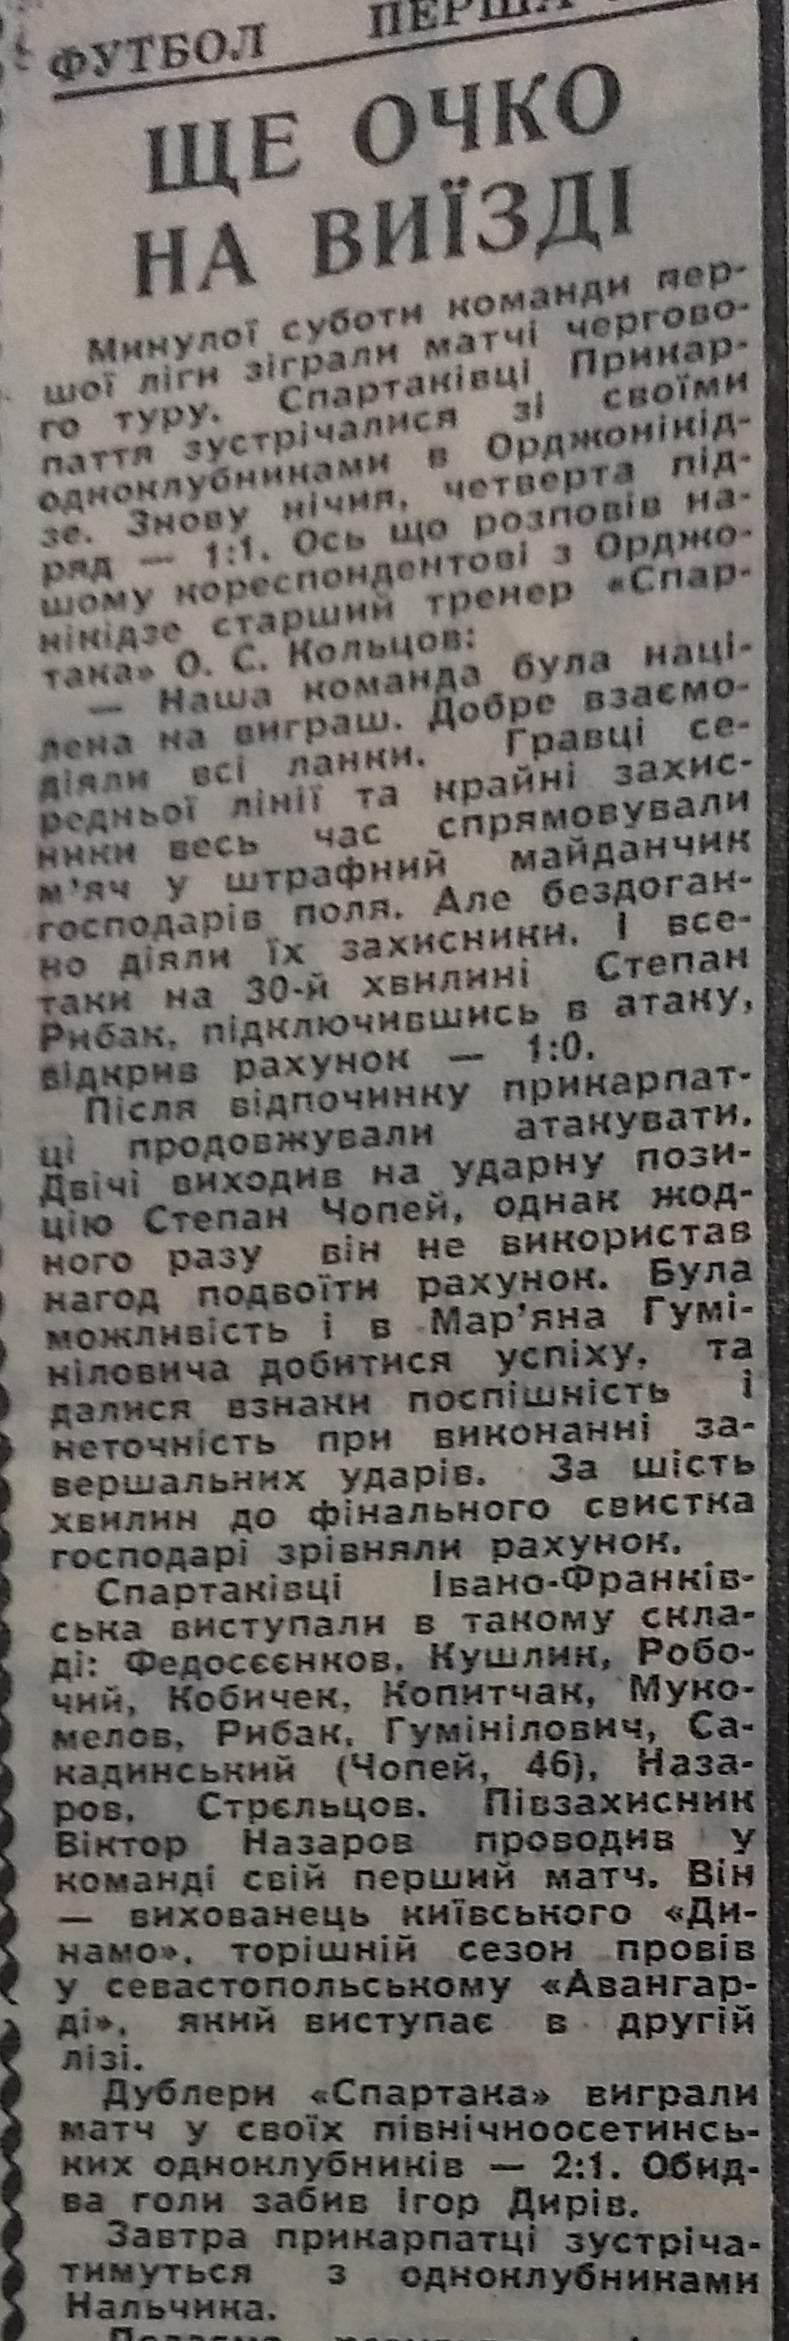 Спартак (Орджоникидзе) - Спартак (Ивано-Франковск) 1:1